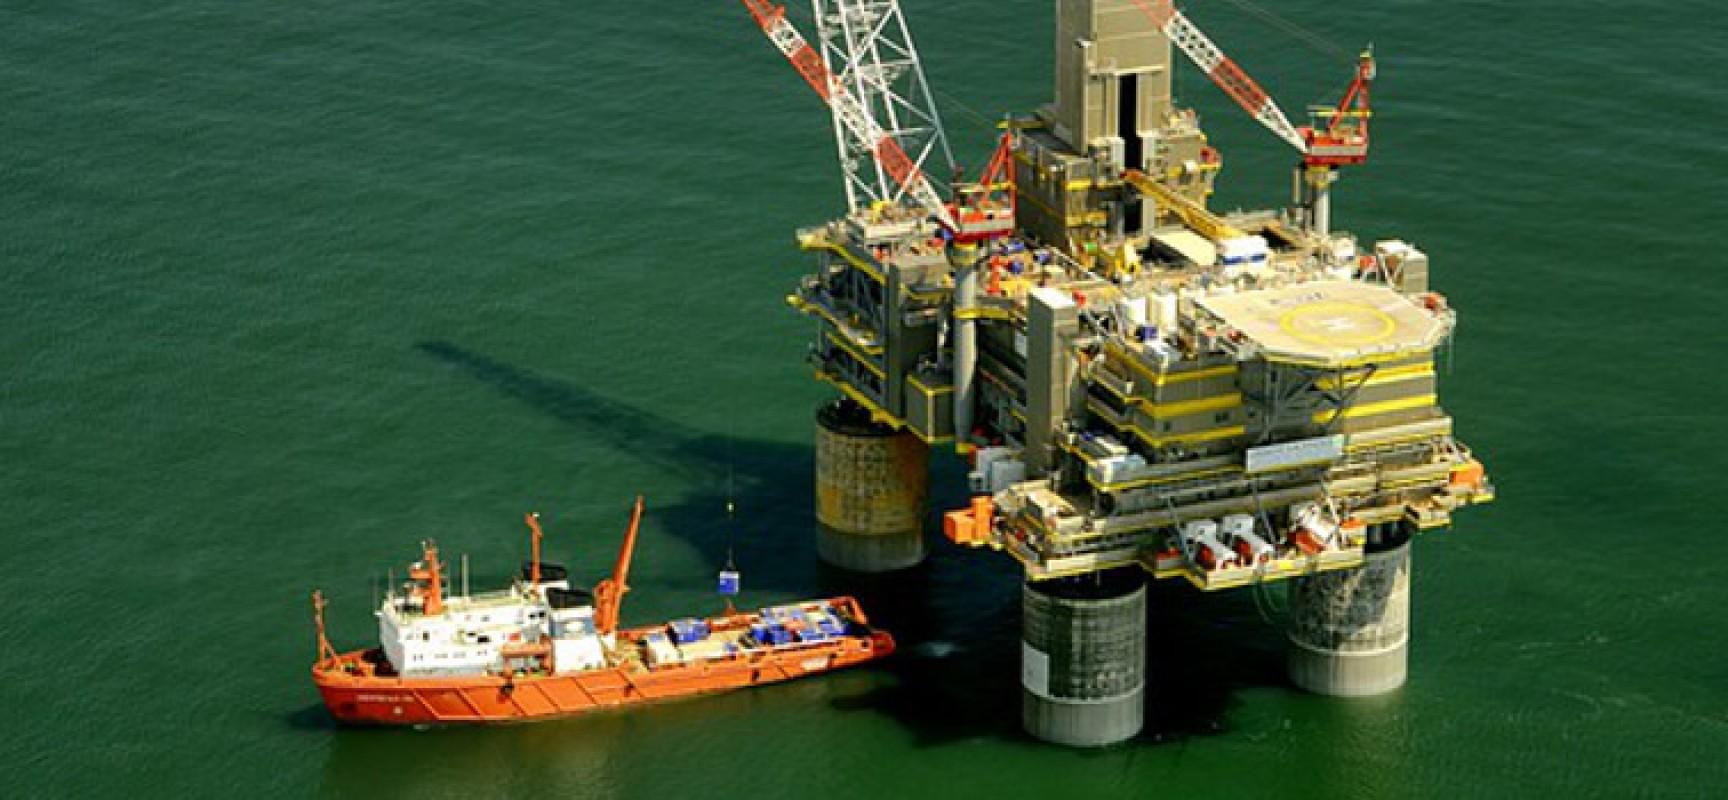 Il gruppo Ripalta Area Protetta chiede al comune di dire no alla ricerca di idrocarburi in mare